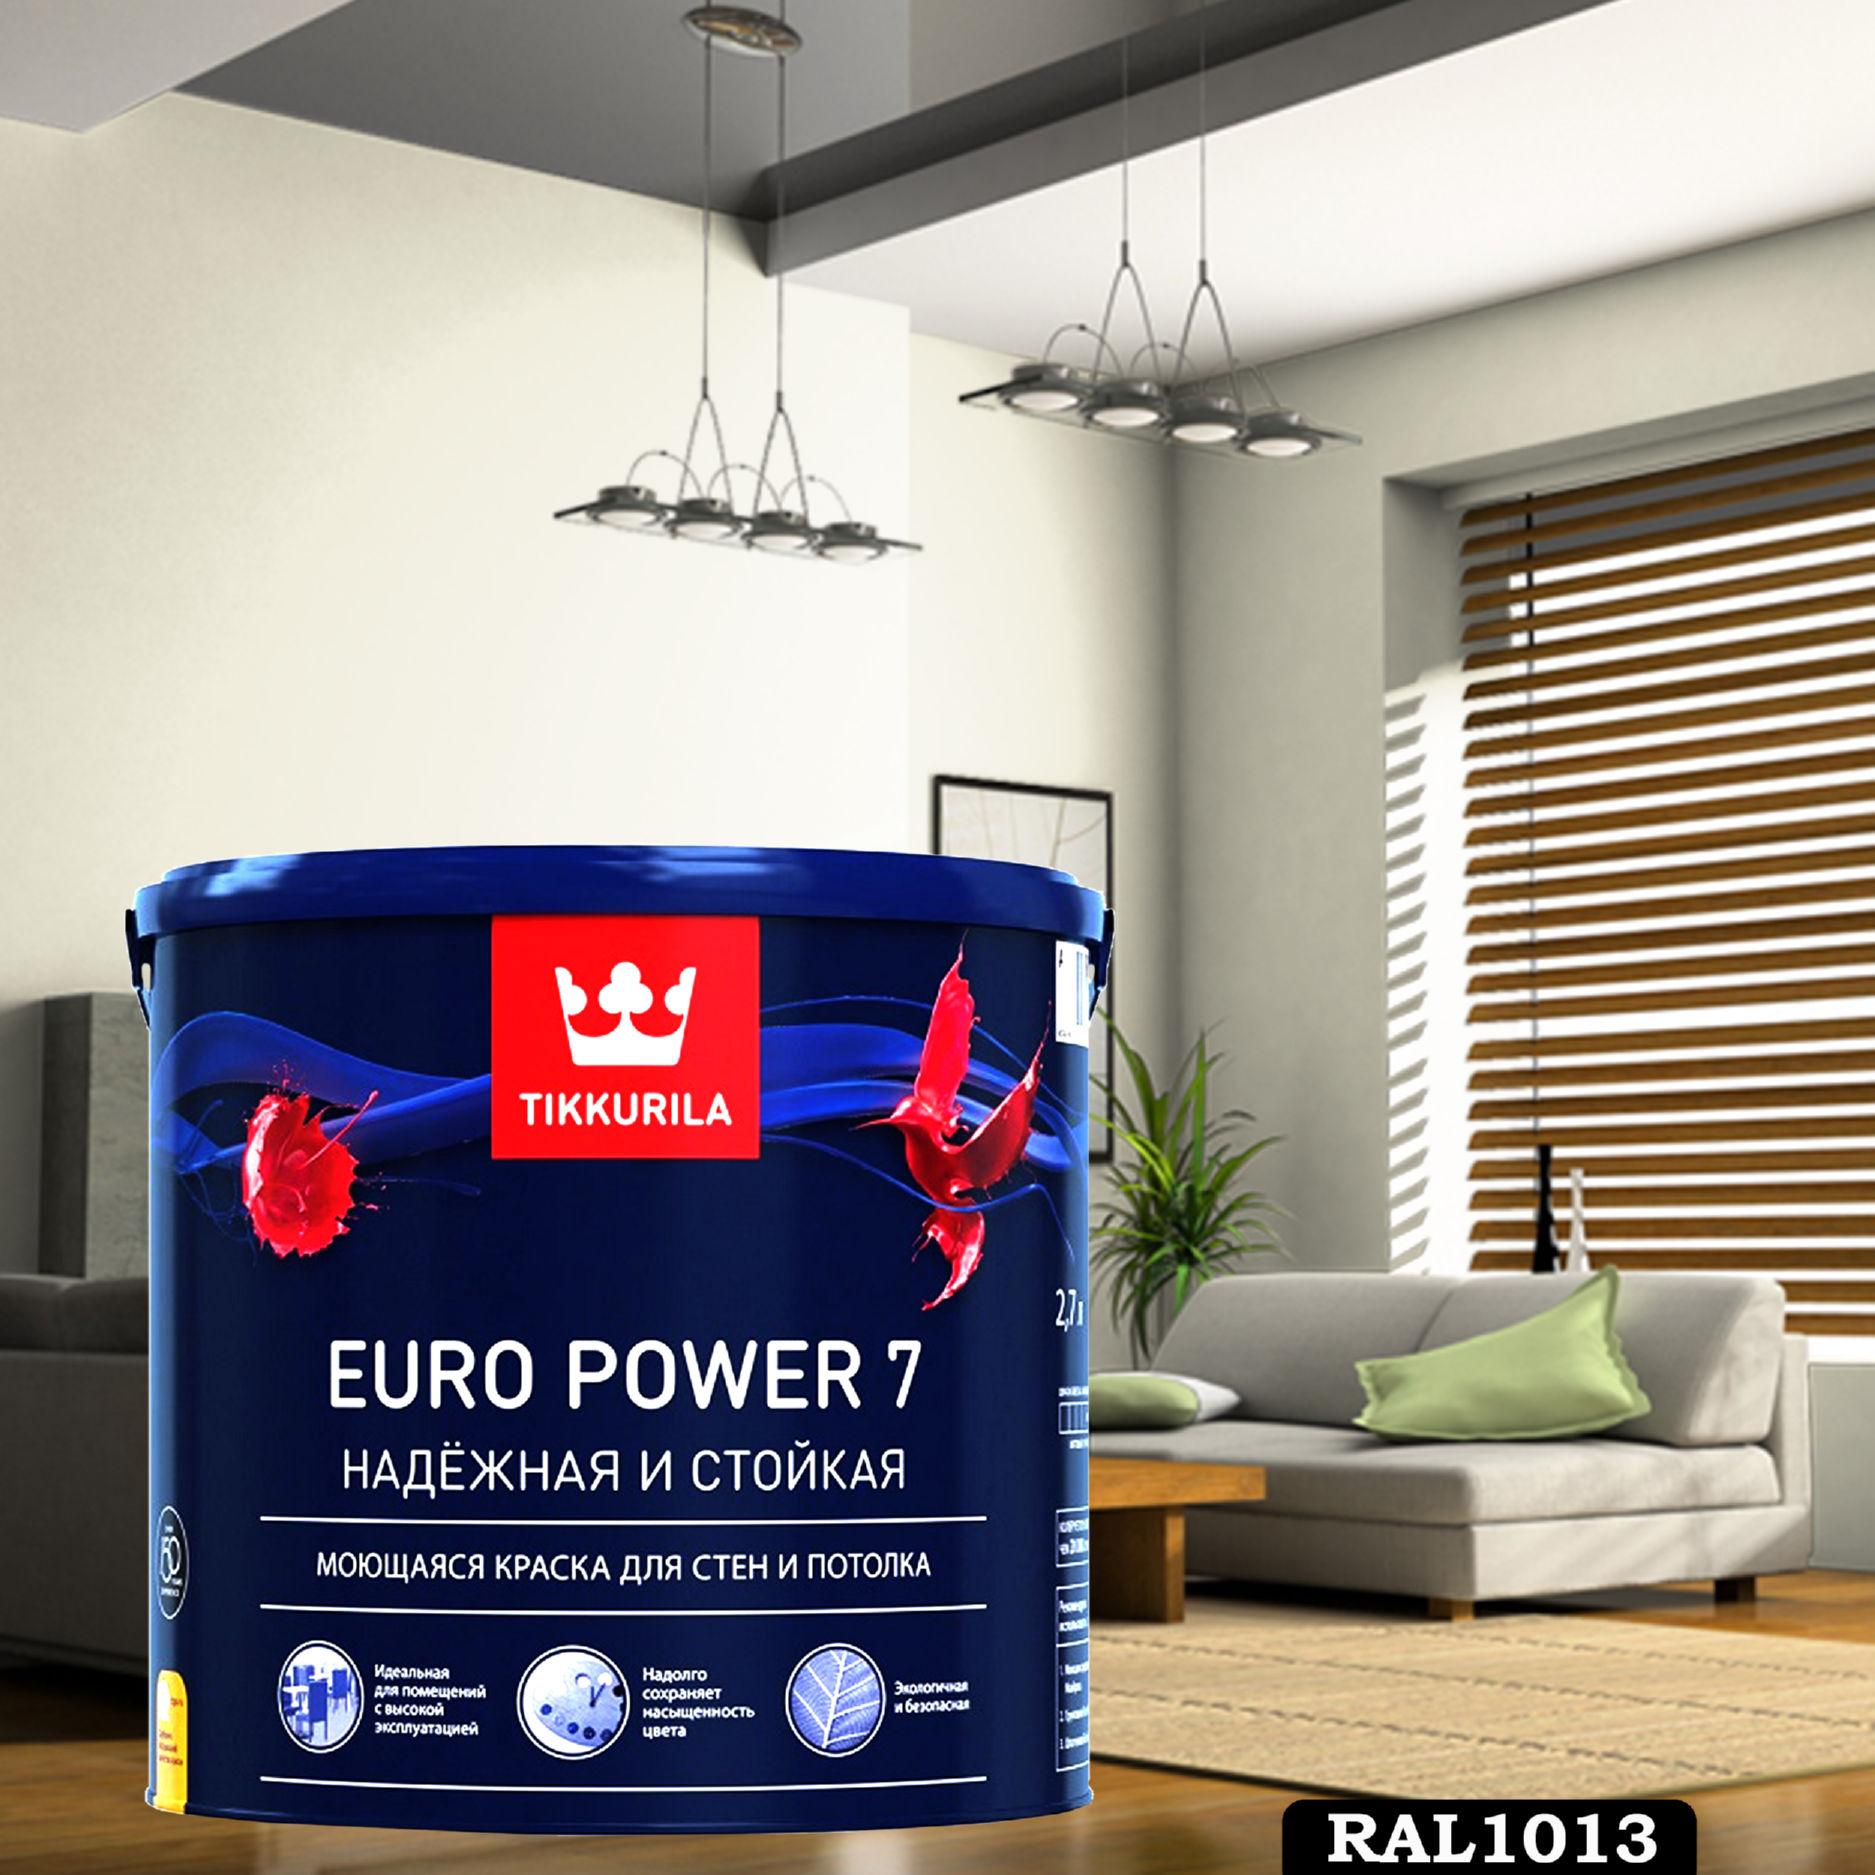 Фото 11 - Краска TIKKURILA Euro Power 7,  RAL 1013 Жемчужно-белый, латексная моющаяся матовая интерьерная, 9 л.